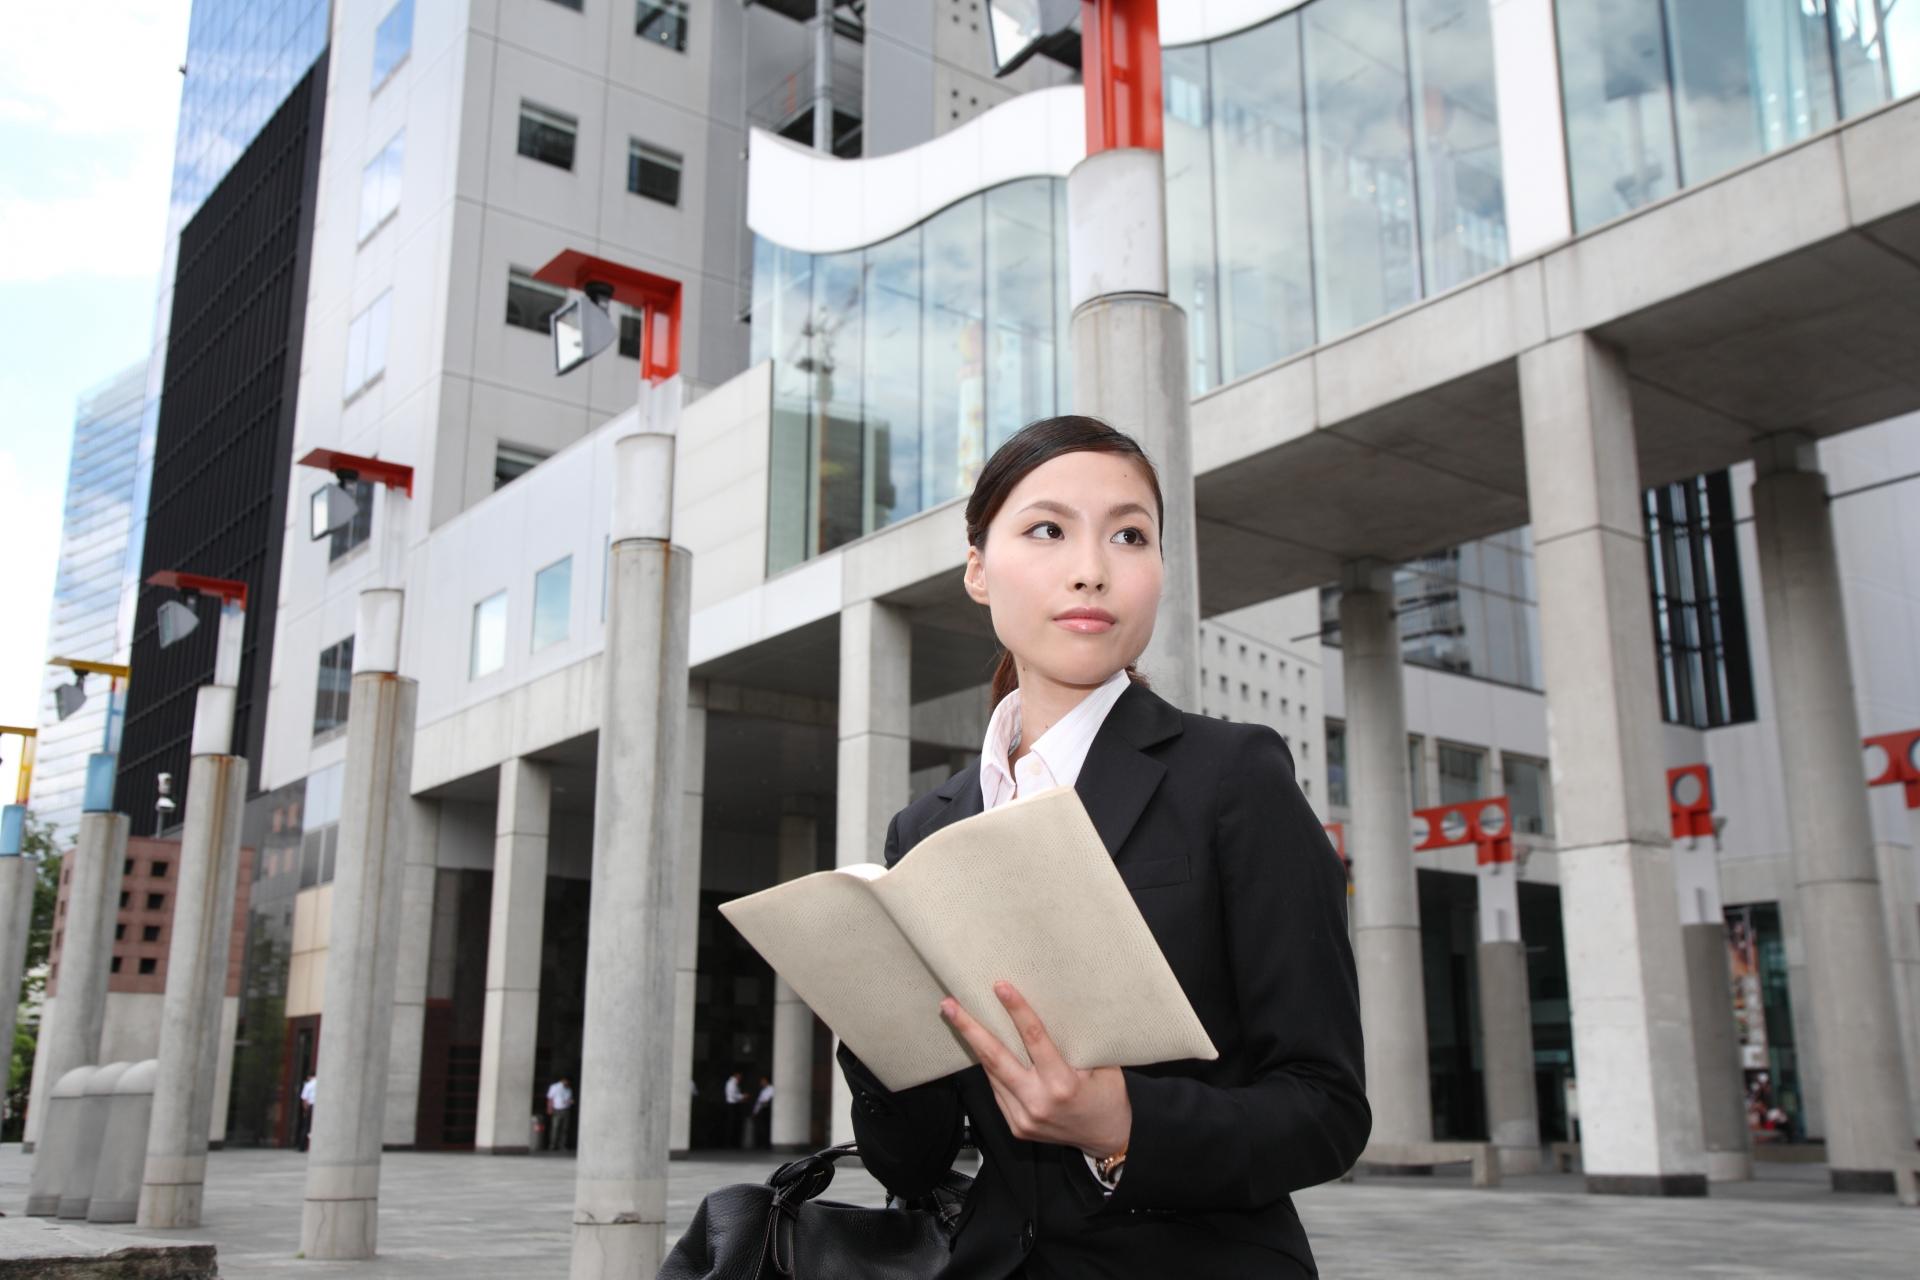 徵信證照考試考過就能得到證照嗎